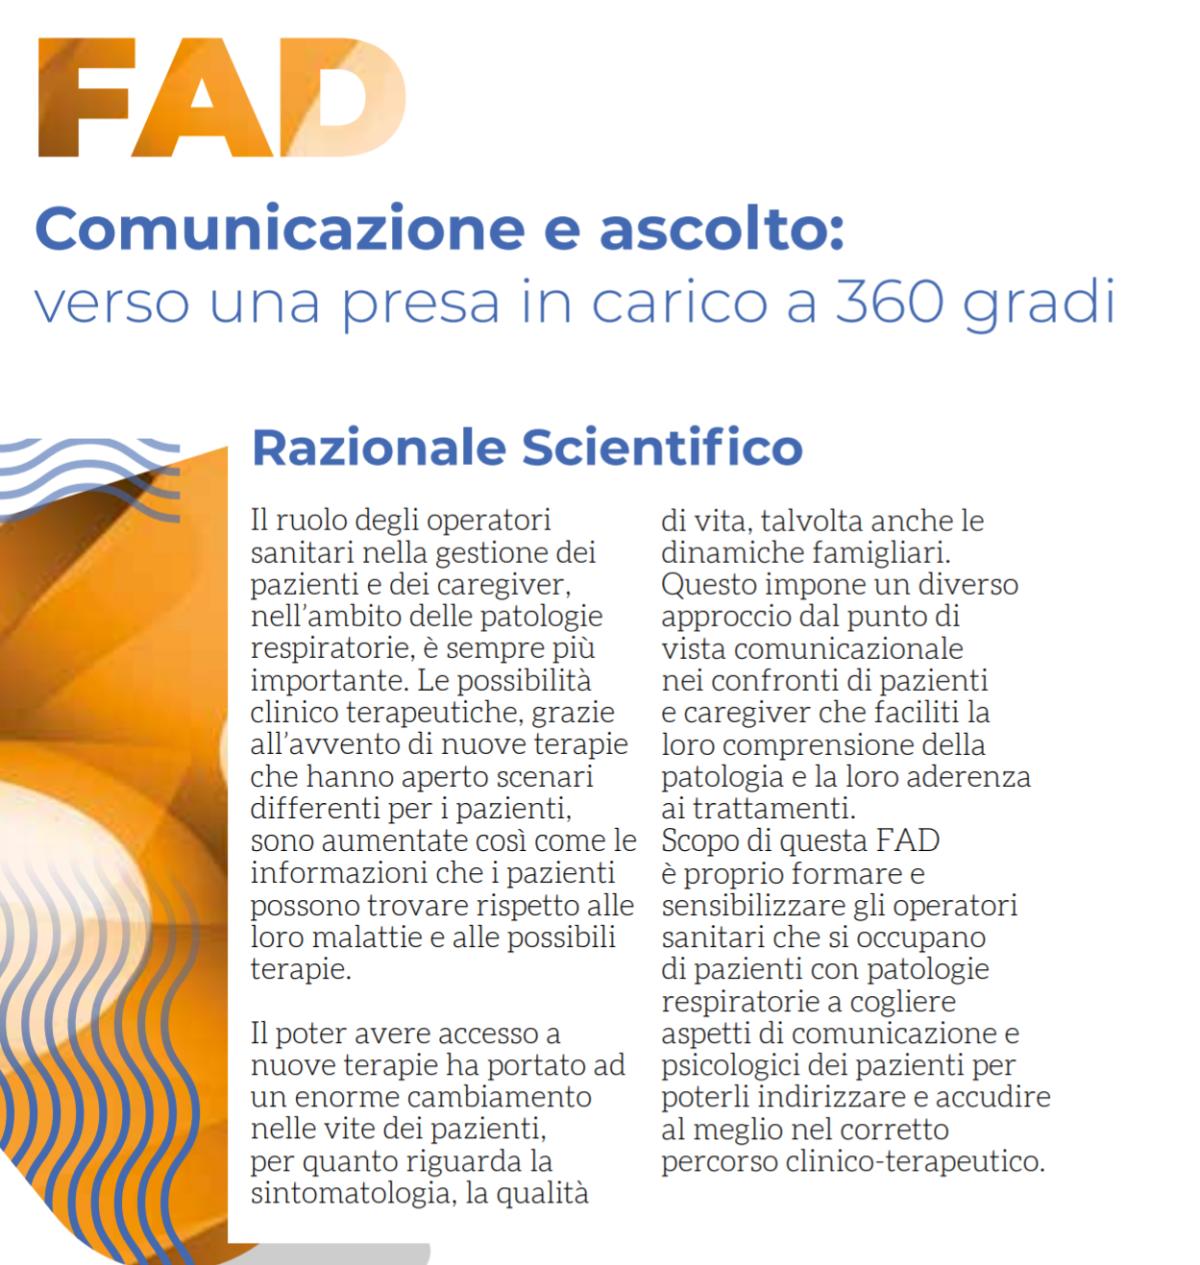 fad-comunicazione-1200x1265.png